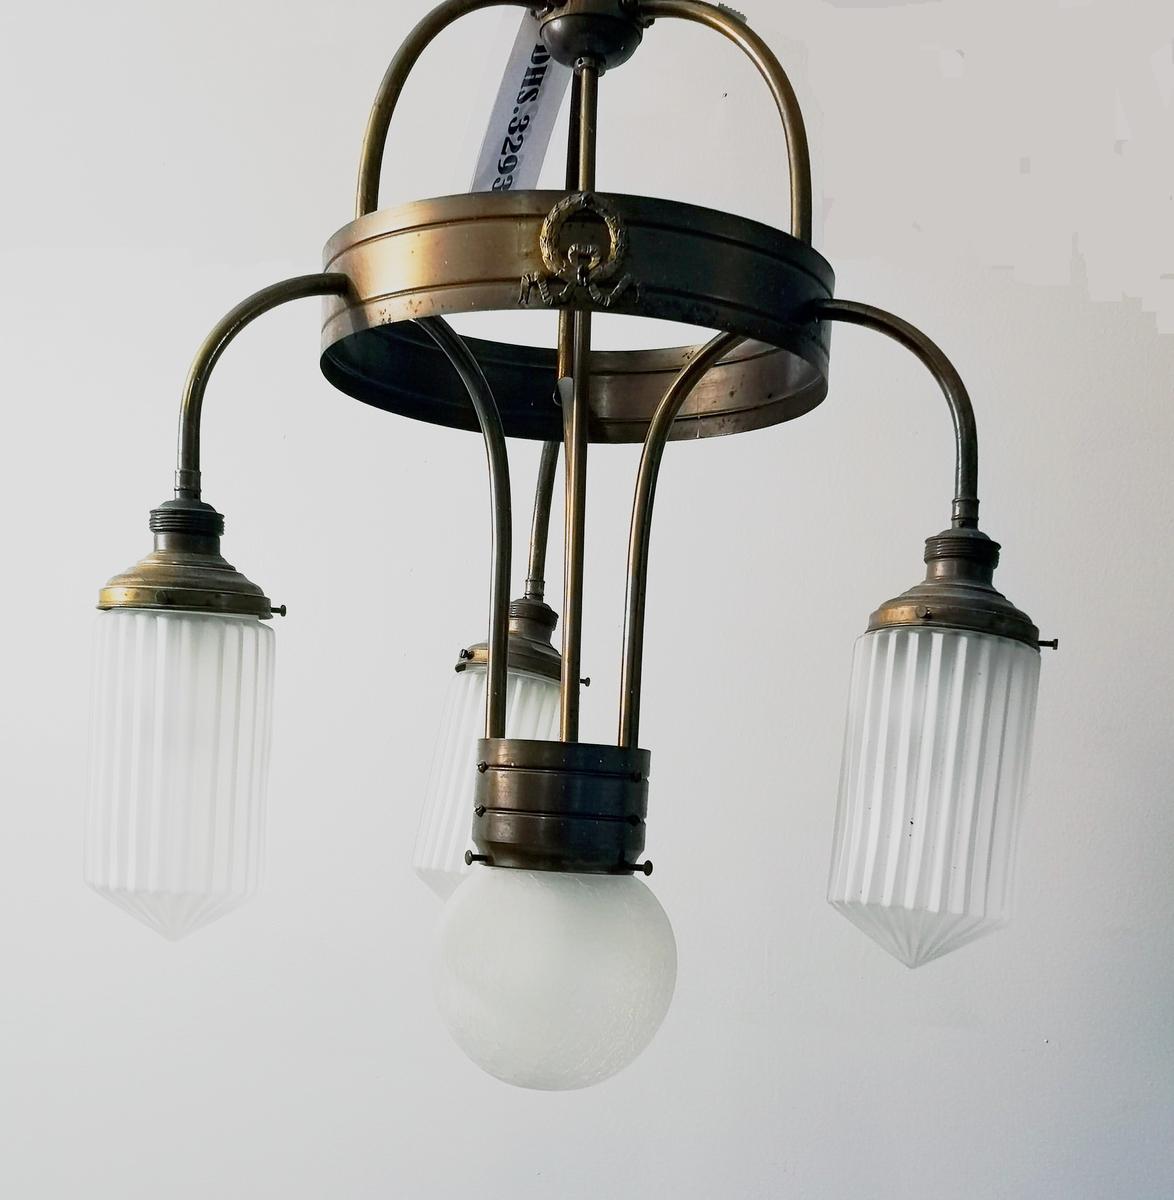 Lysekrune med kulefora kuppel i midten, pluss 3 lysarmar med sylinder/riflerforma kupplar. Alle kupplane i matt glas. Dekor i nyklassisisme Lysekrune er i nyklassisisme.